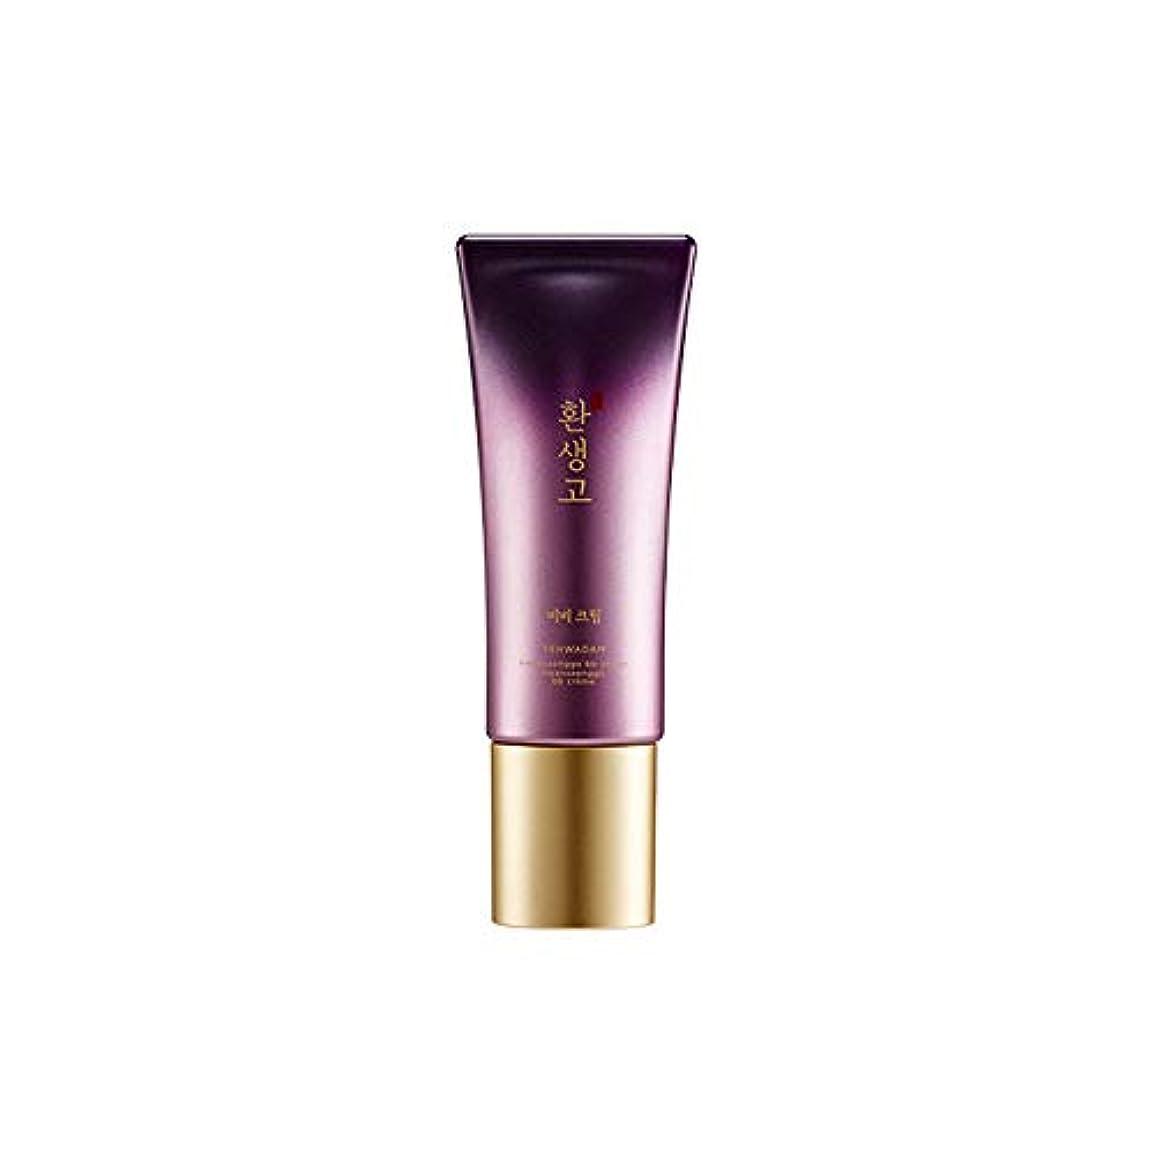 ウェイトレス風刺速度[ザフェイスショップ] The Face Shop イェファダム 還生膏BBクリーム SPF35 PA++ 45ml YEHWADAM Hwansaenggo BB Cream 45ml [海外直送品]